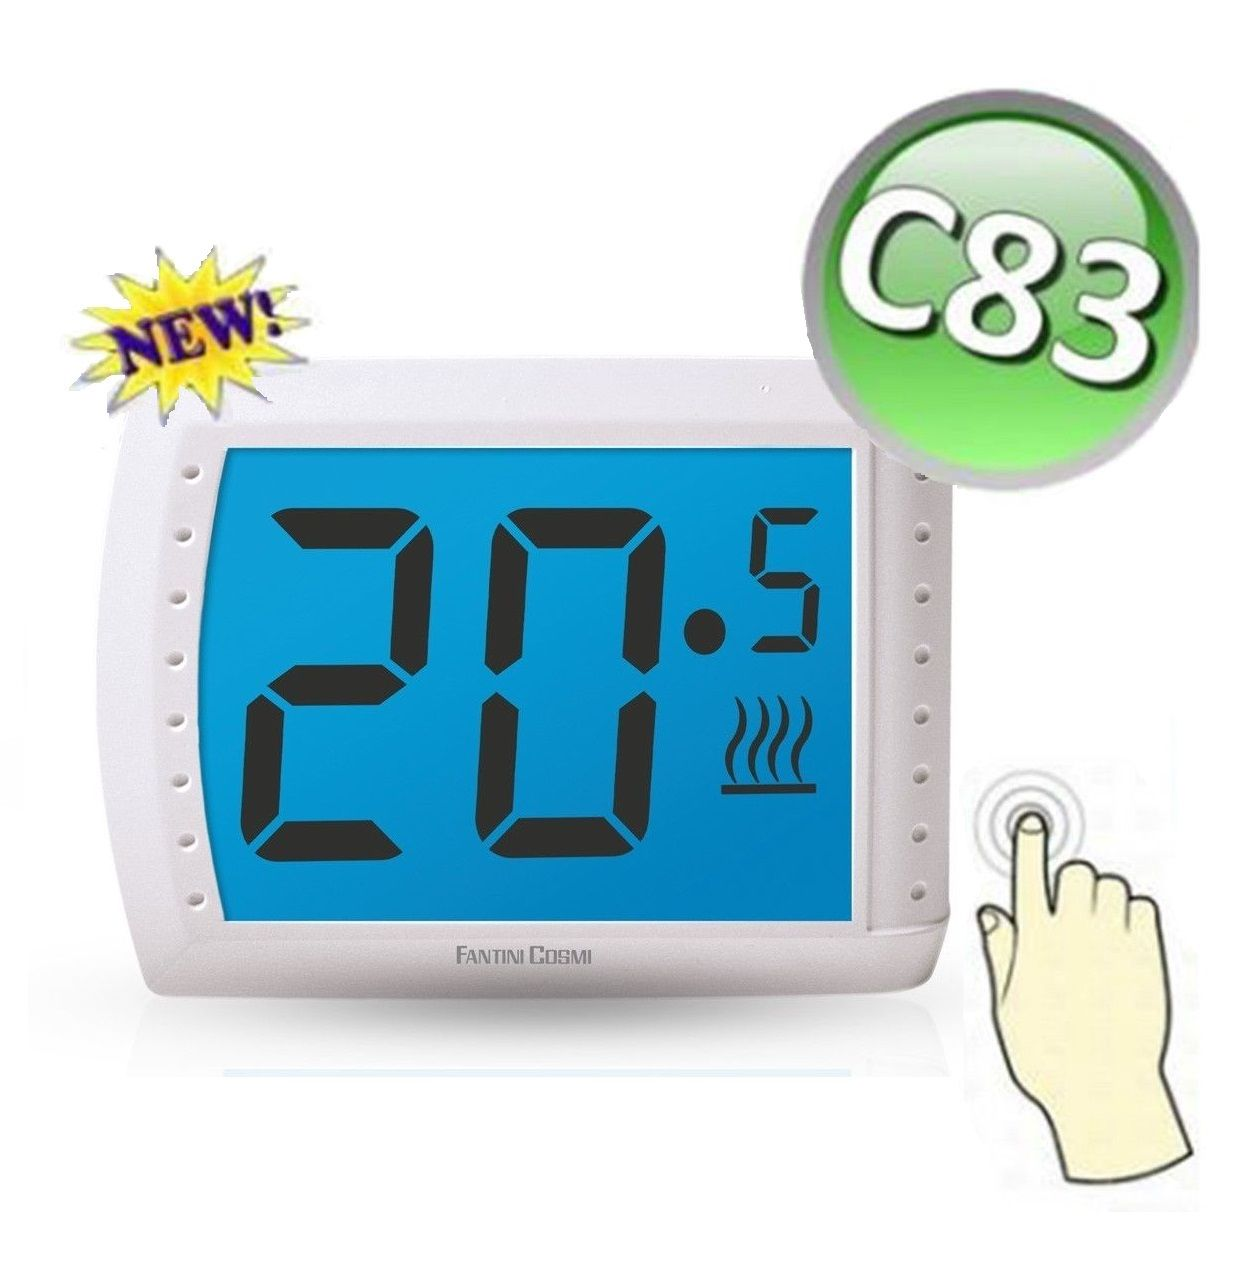 c83 termostato bianco touchscreen ambiente da parete a